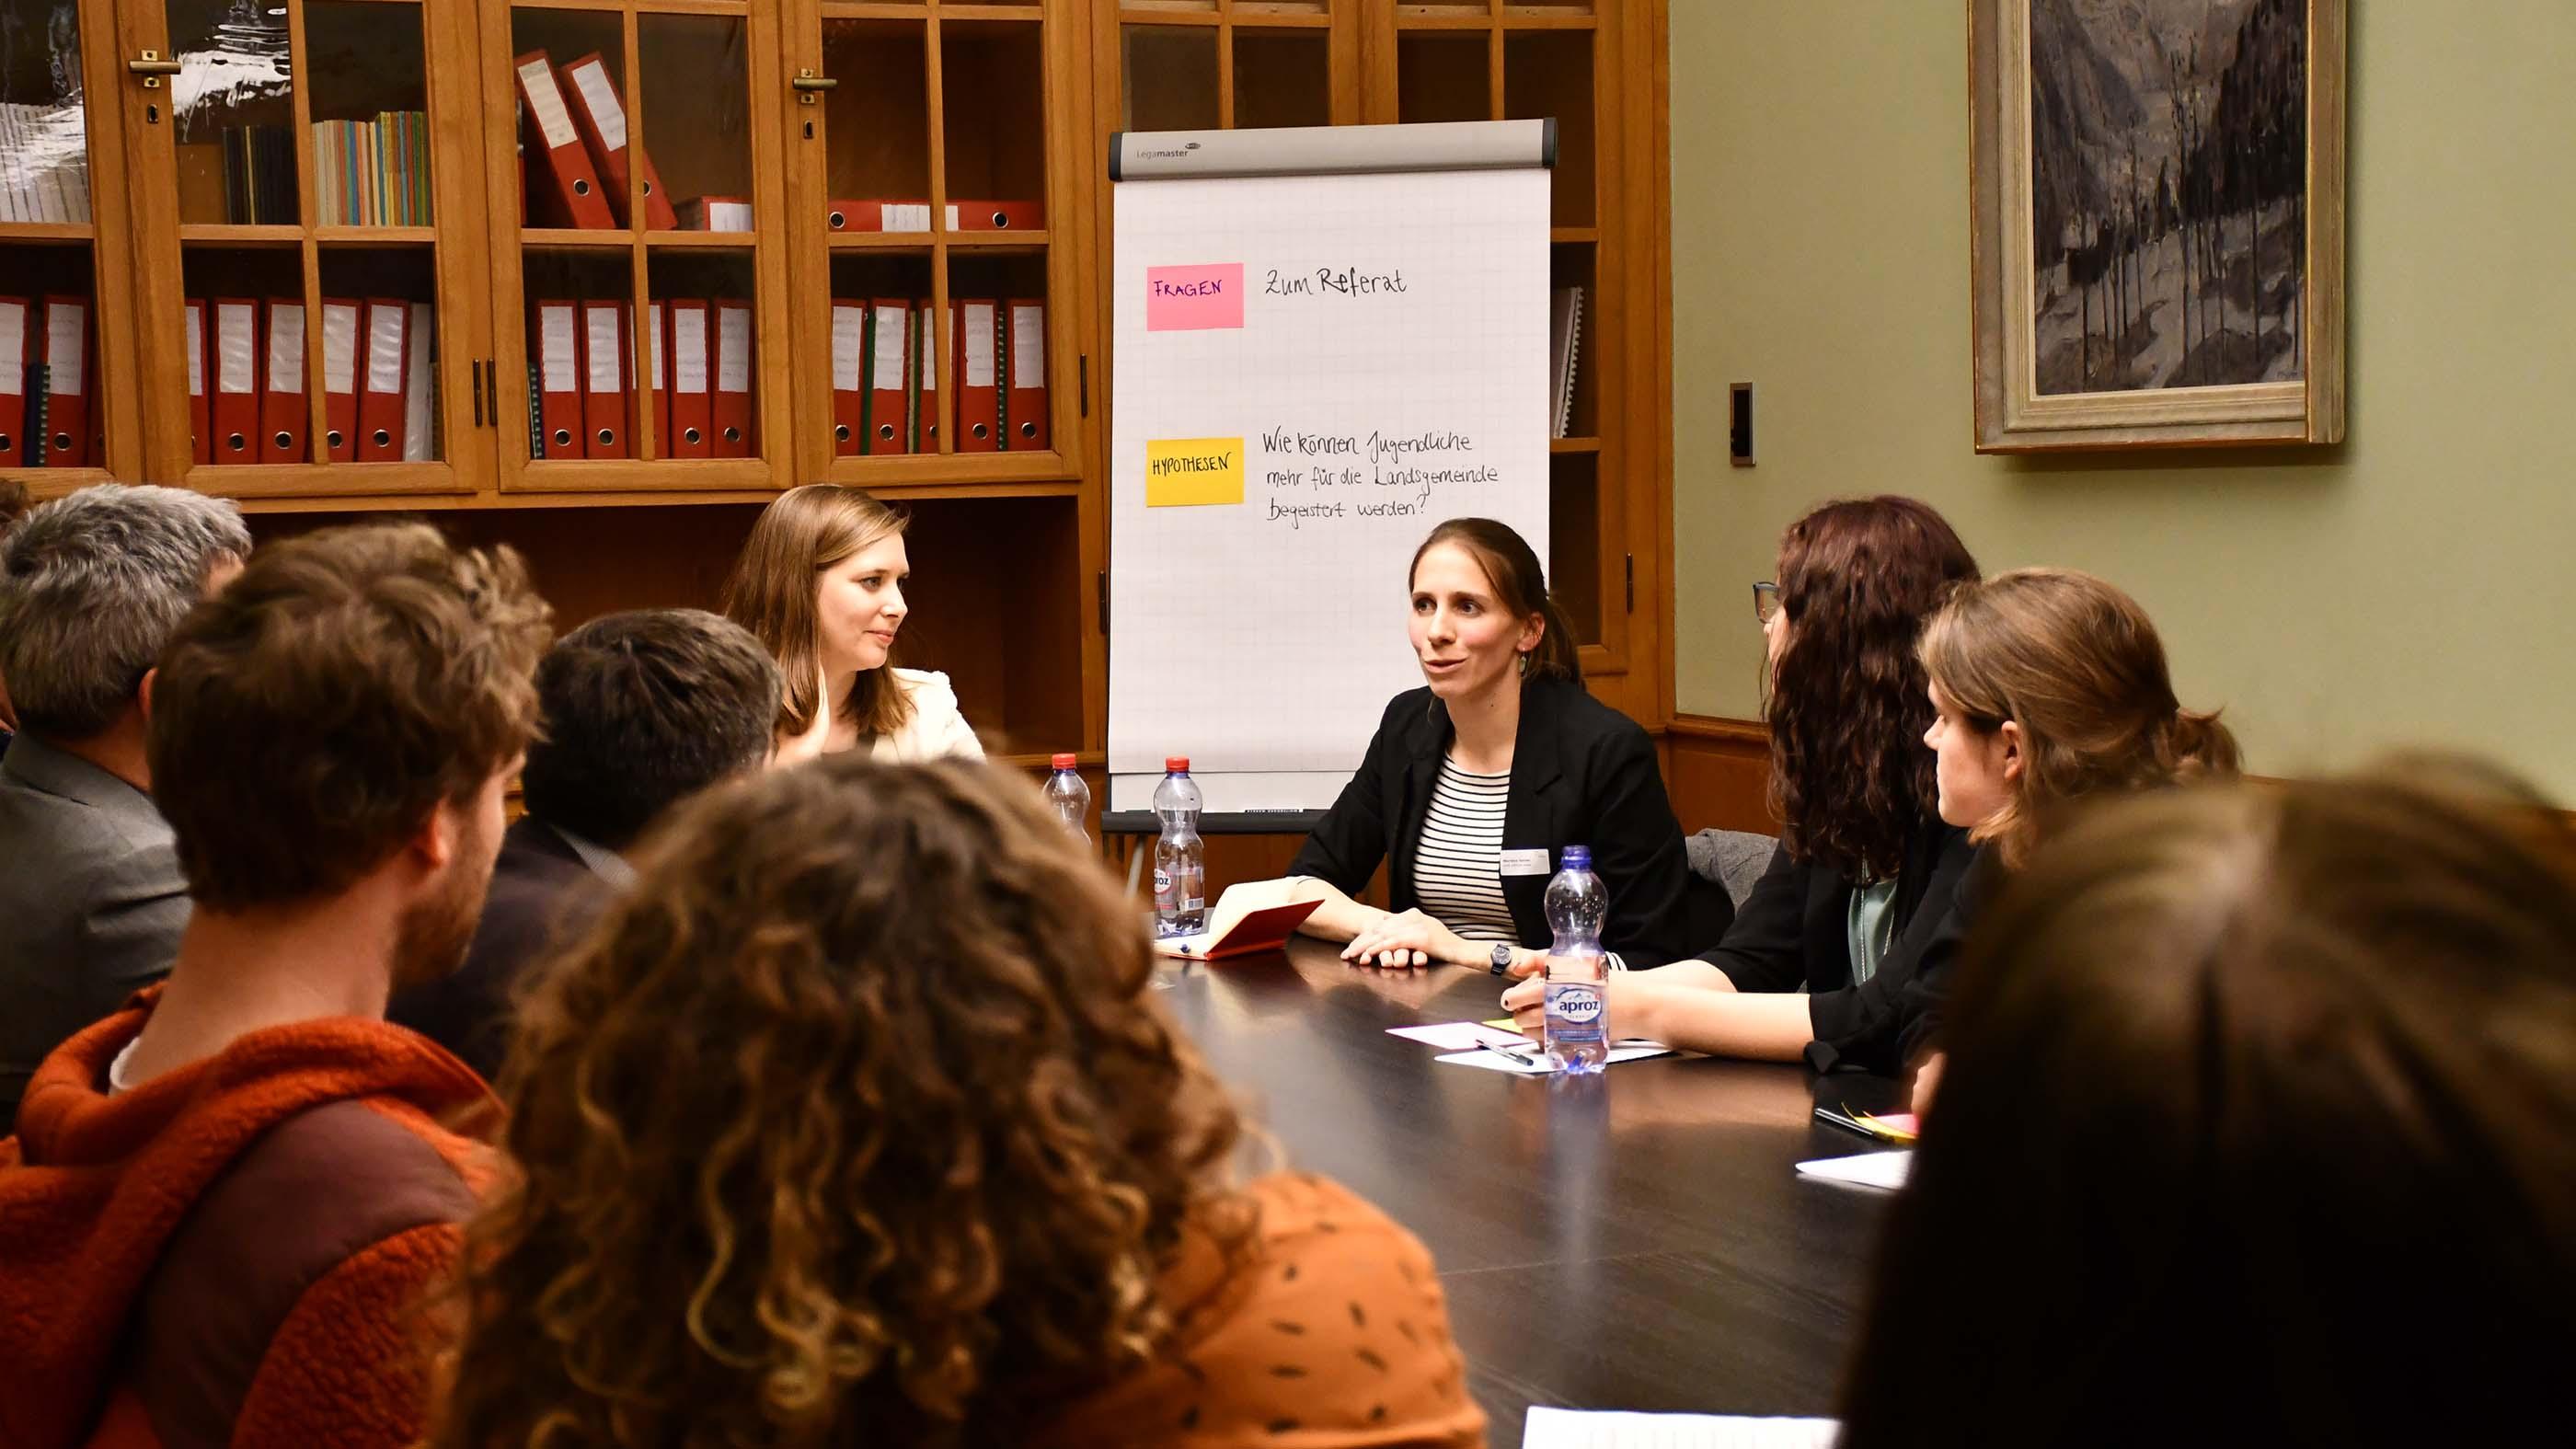 Projektfoto Campus für Demokratie